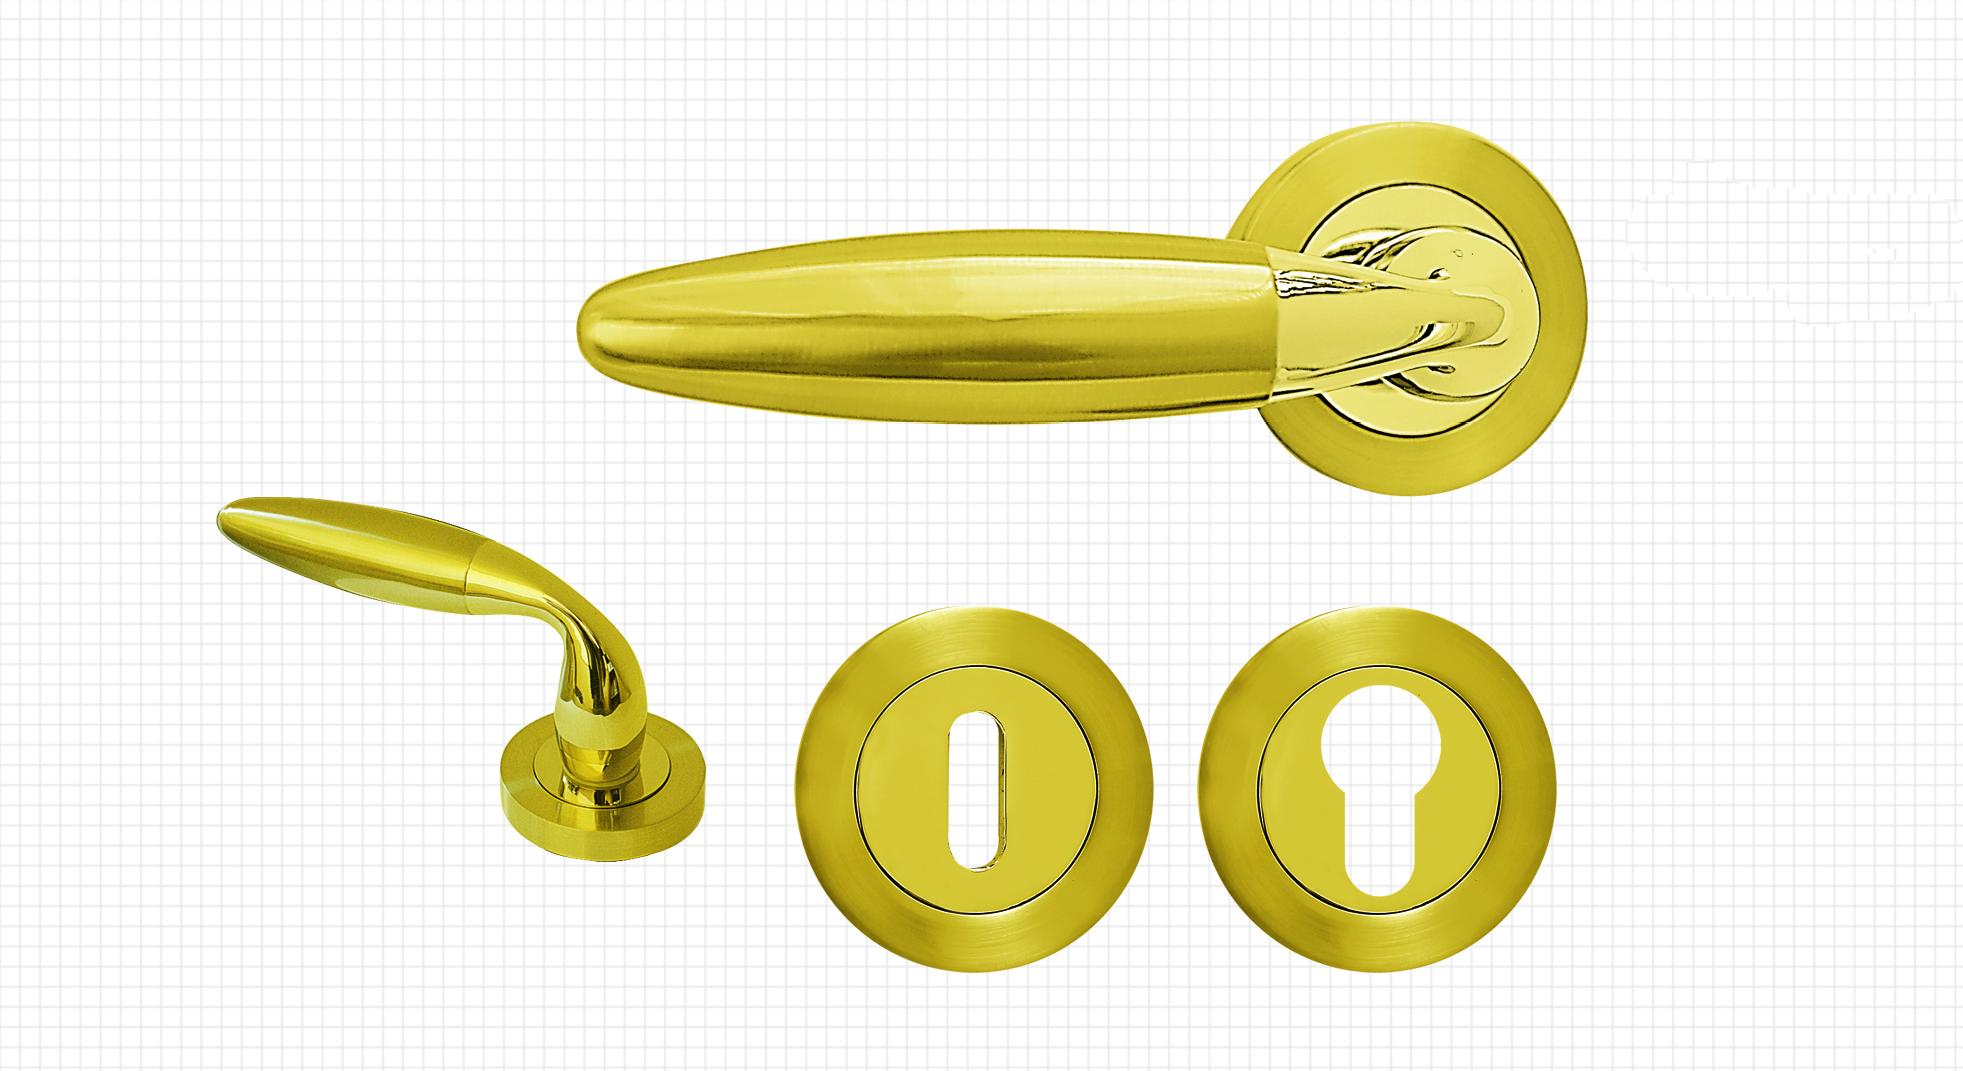 60033 ΧΡΥΣΟ ΜΑΤ - ΧΡΥΣΟ